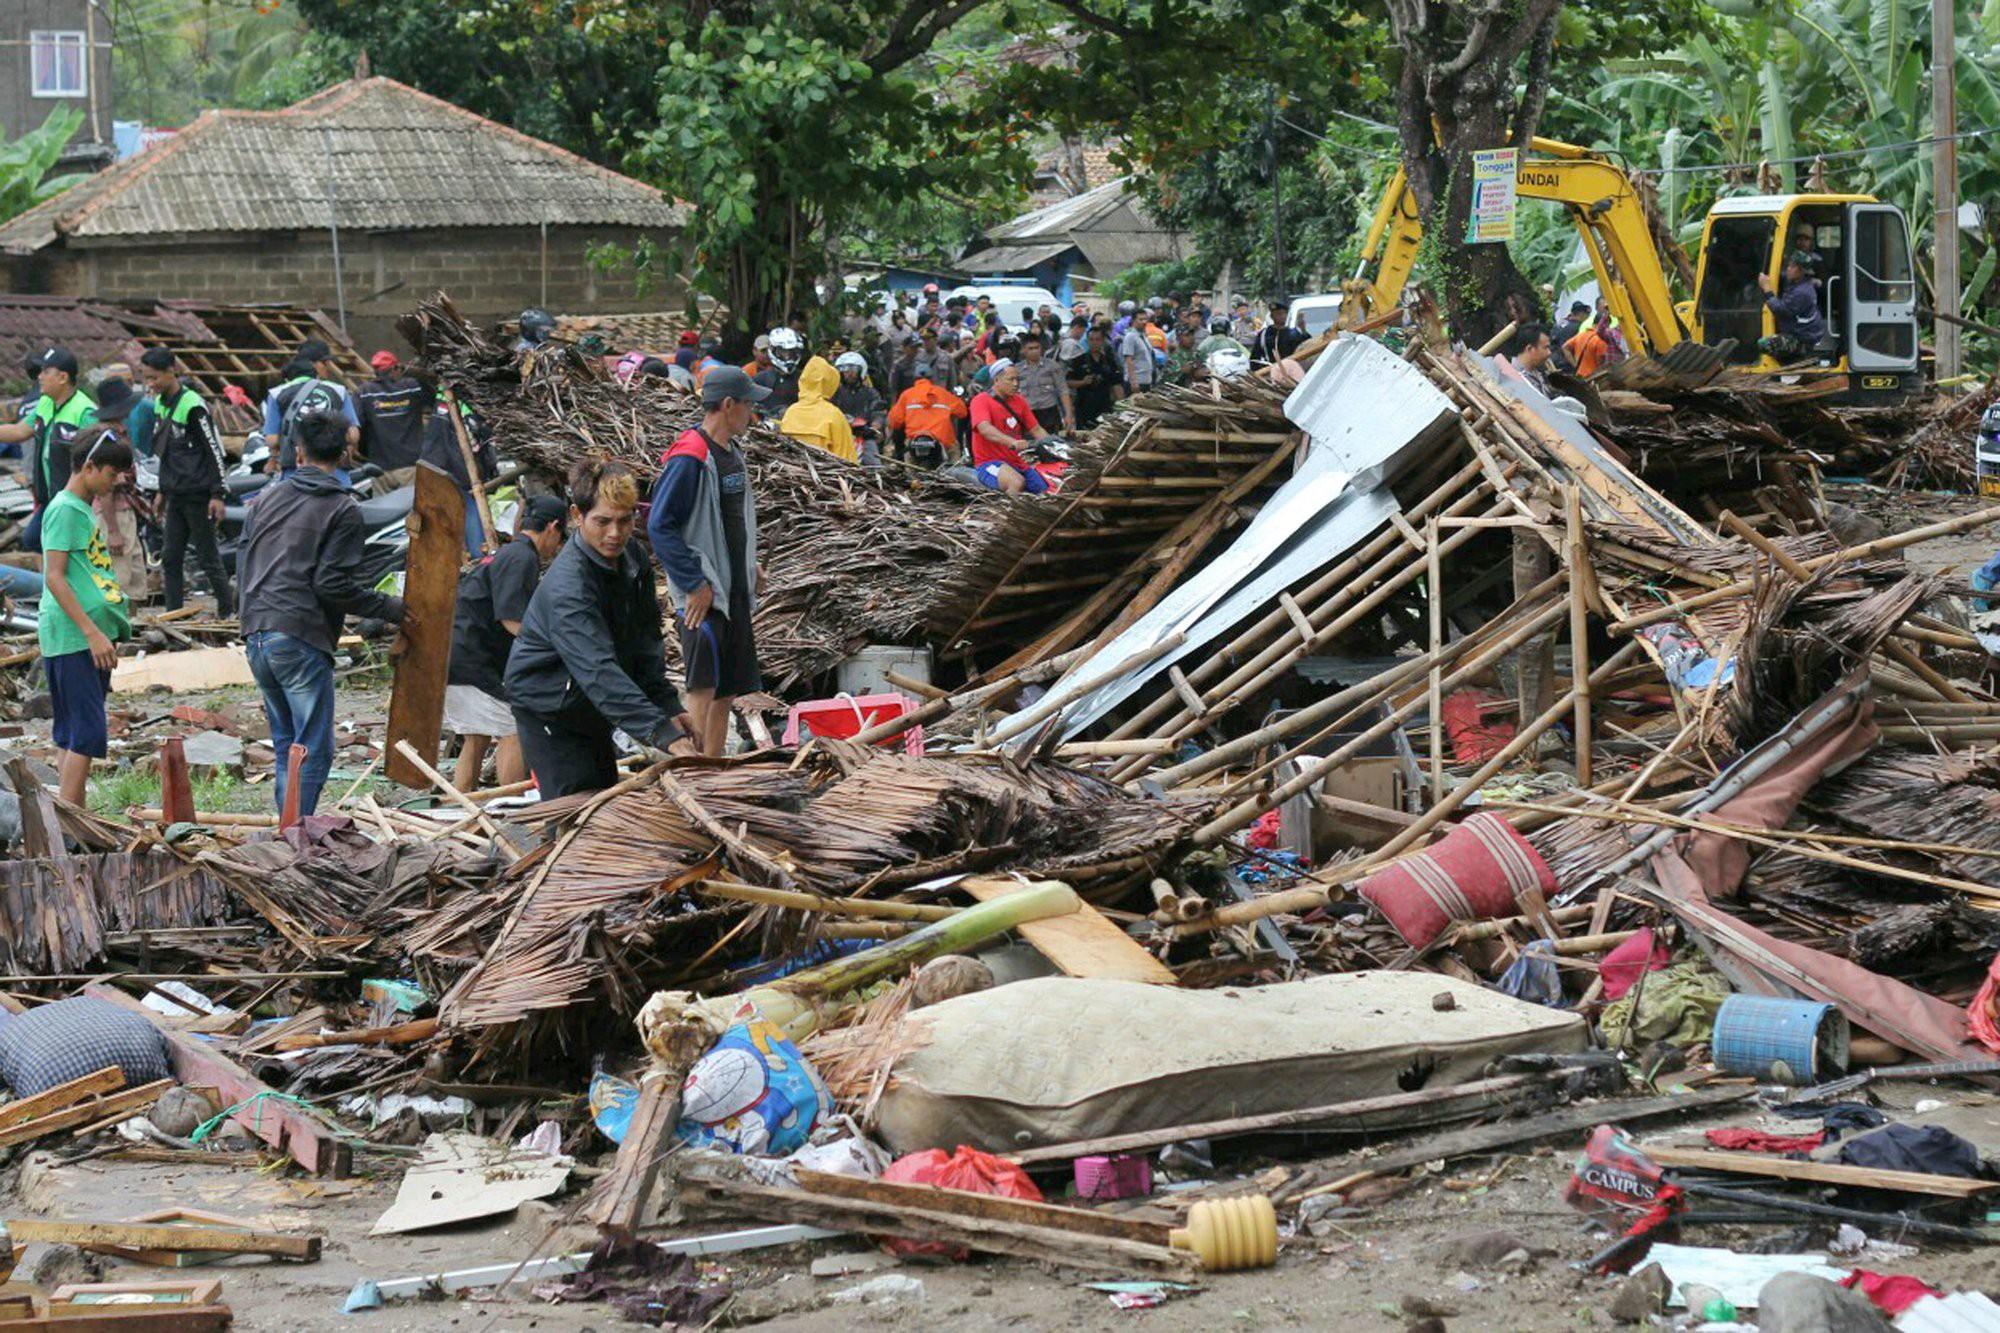 Indonesia một ngày chìm trong đau thương và nước mắt: Người dân đau đáu đi tìm người thân thích - Ảnh 11.